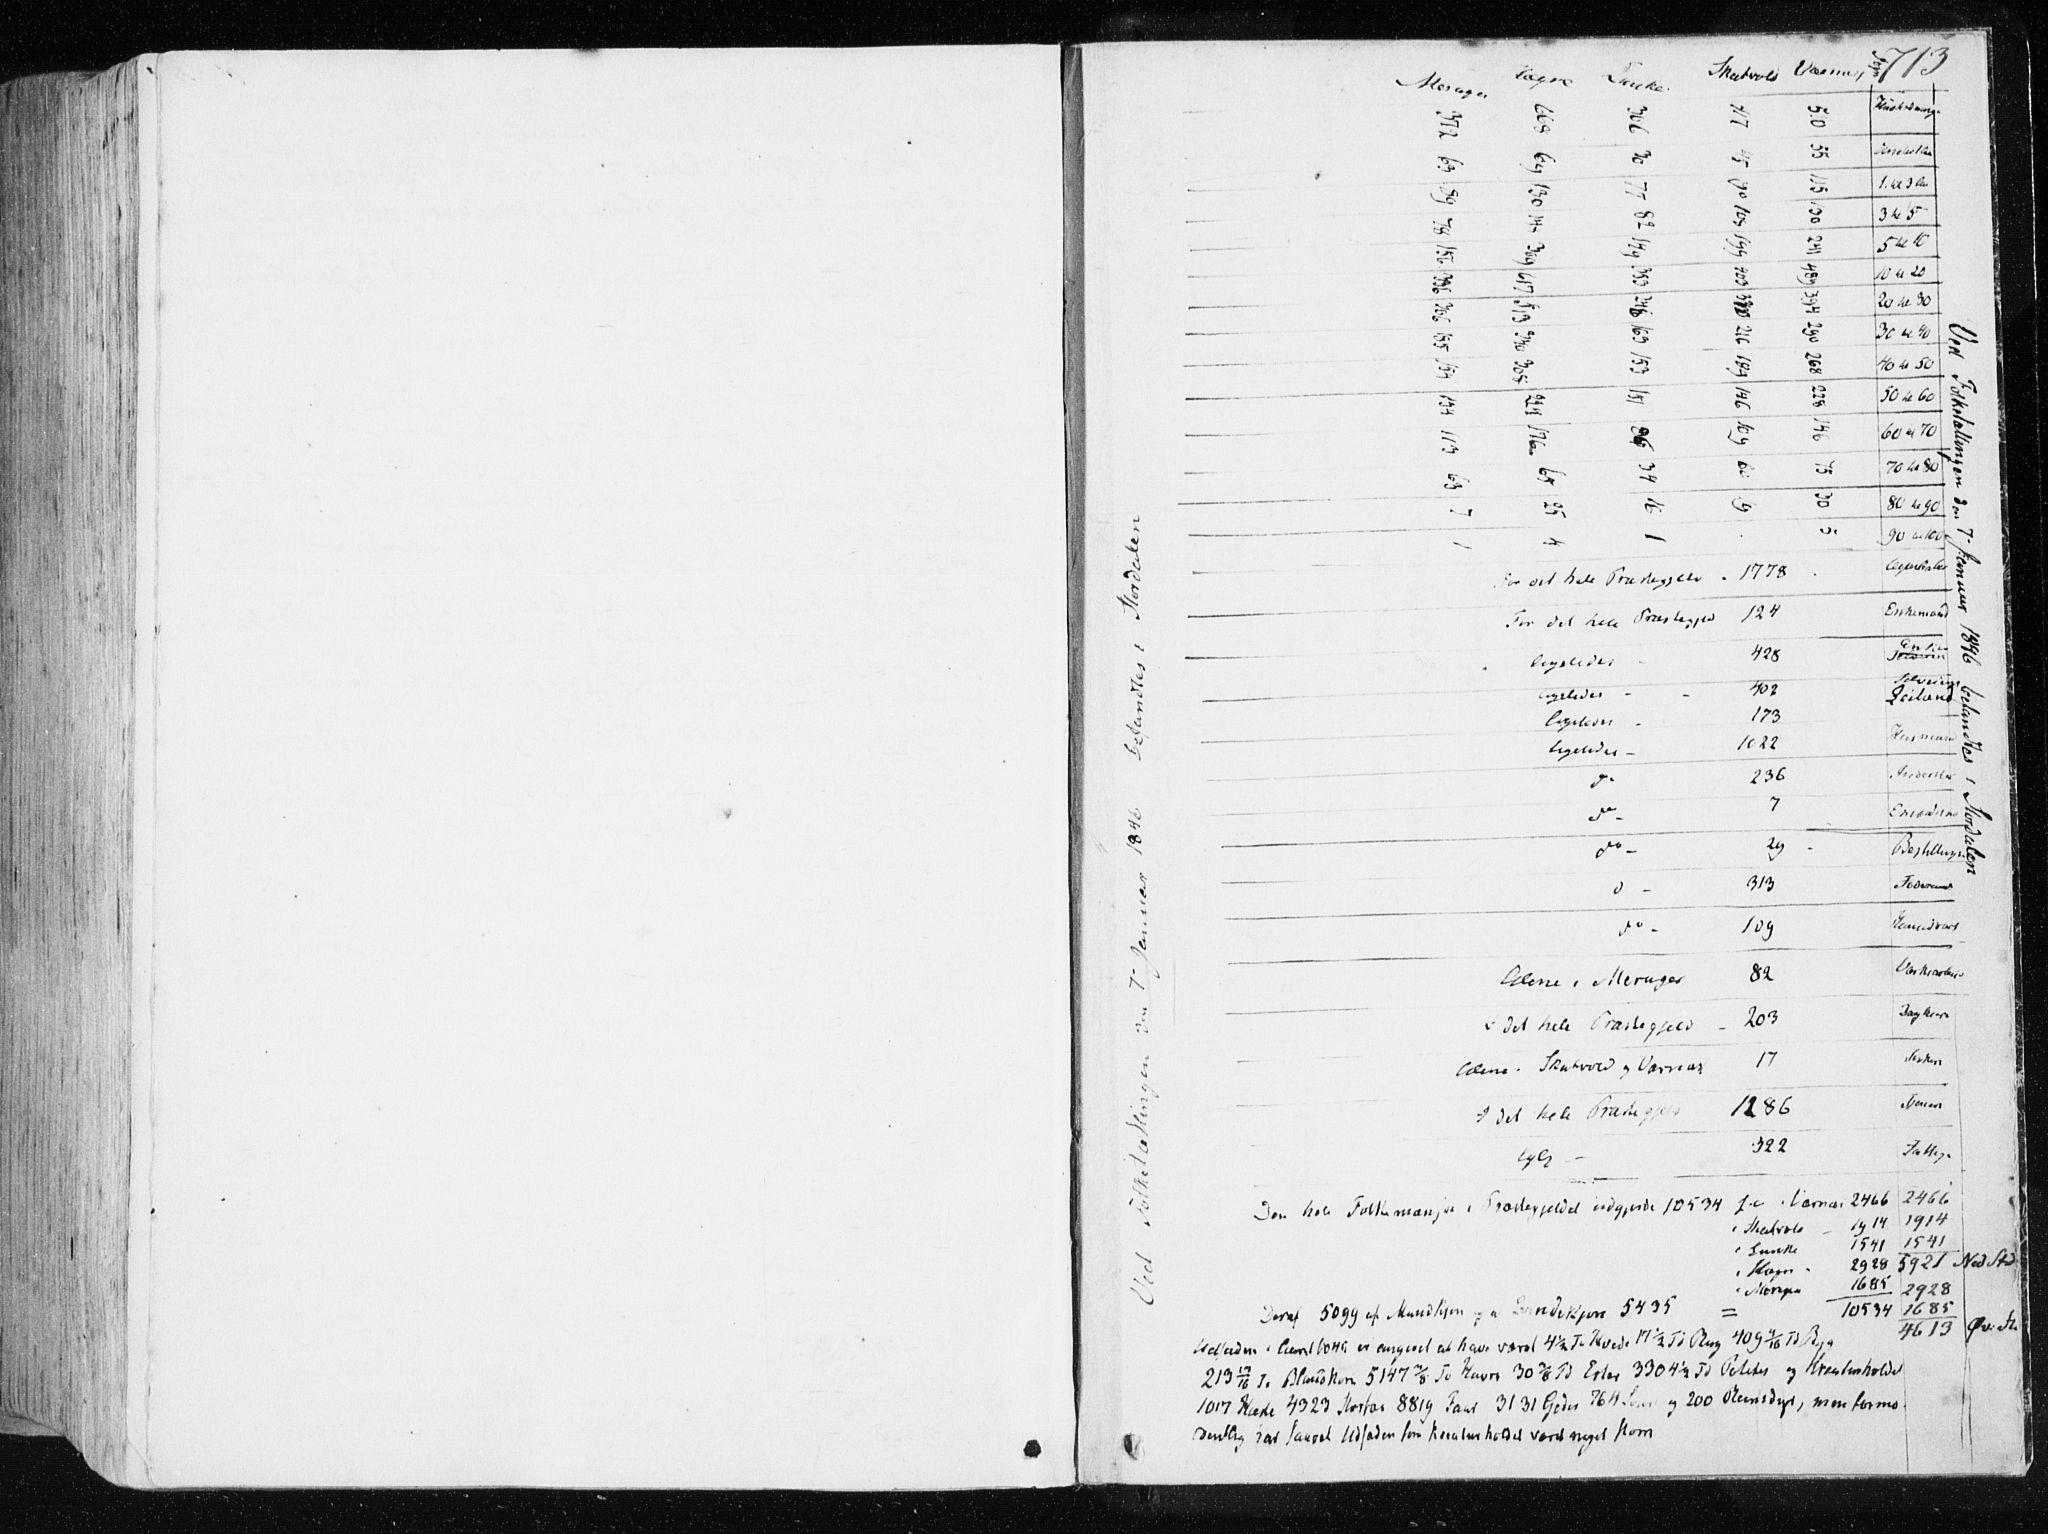 SAT, Ministerialprotokoller, klokkerbøker og fødselsregistre - Nord-Trøndelag, 709/L0074: Ministerialbok nr. 709A14, 1845-1858, s. 713